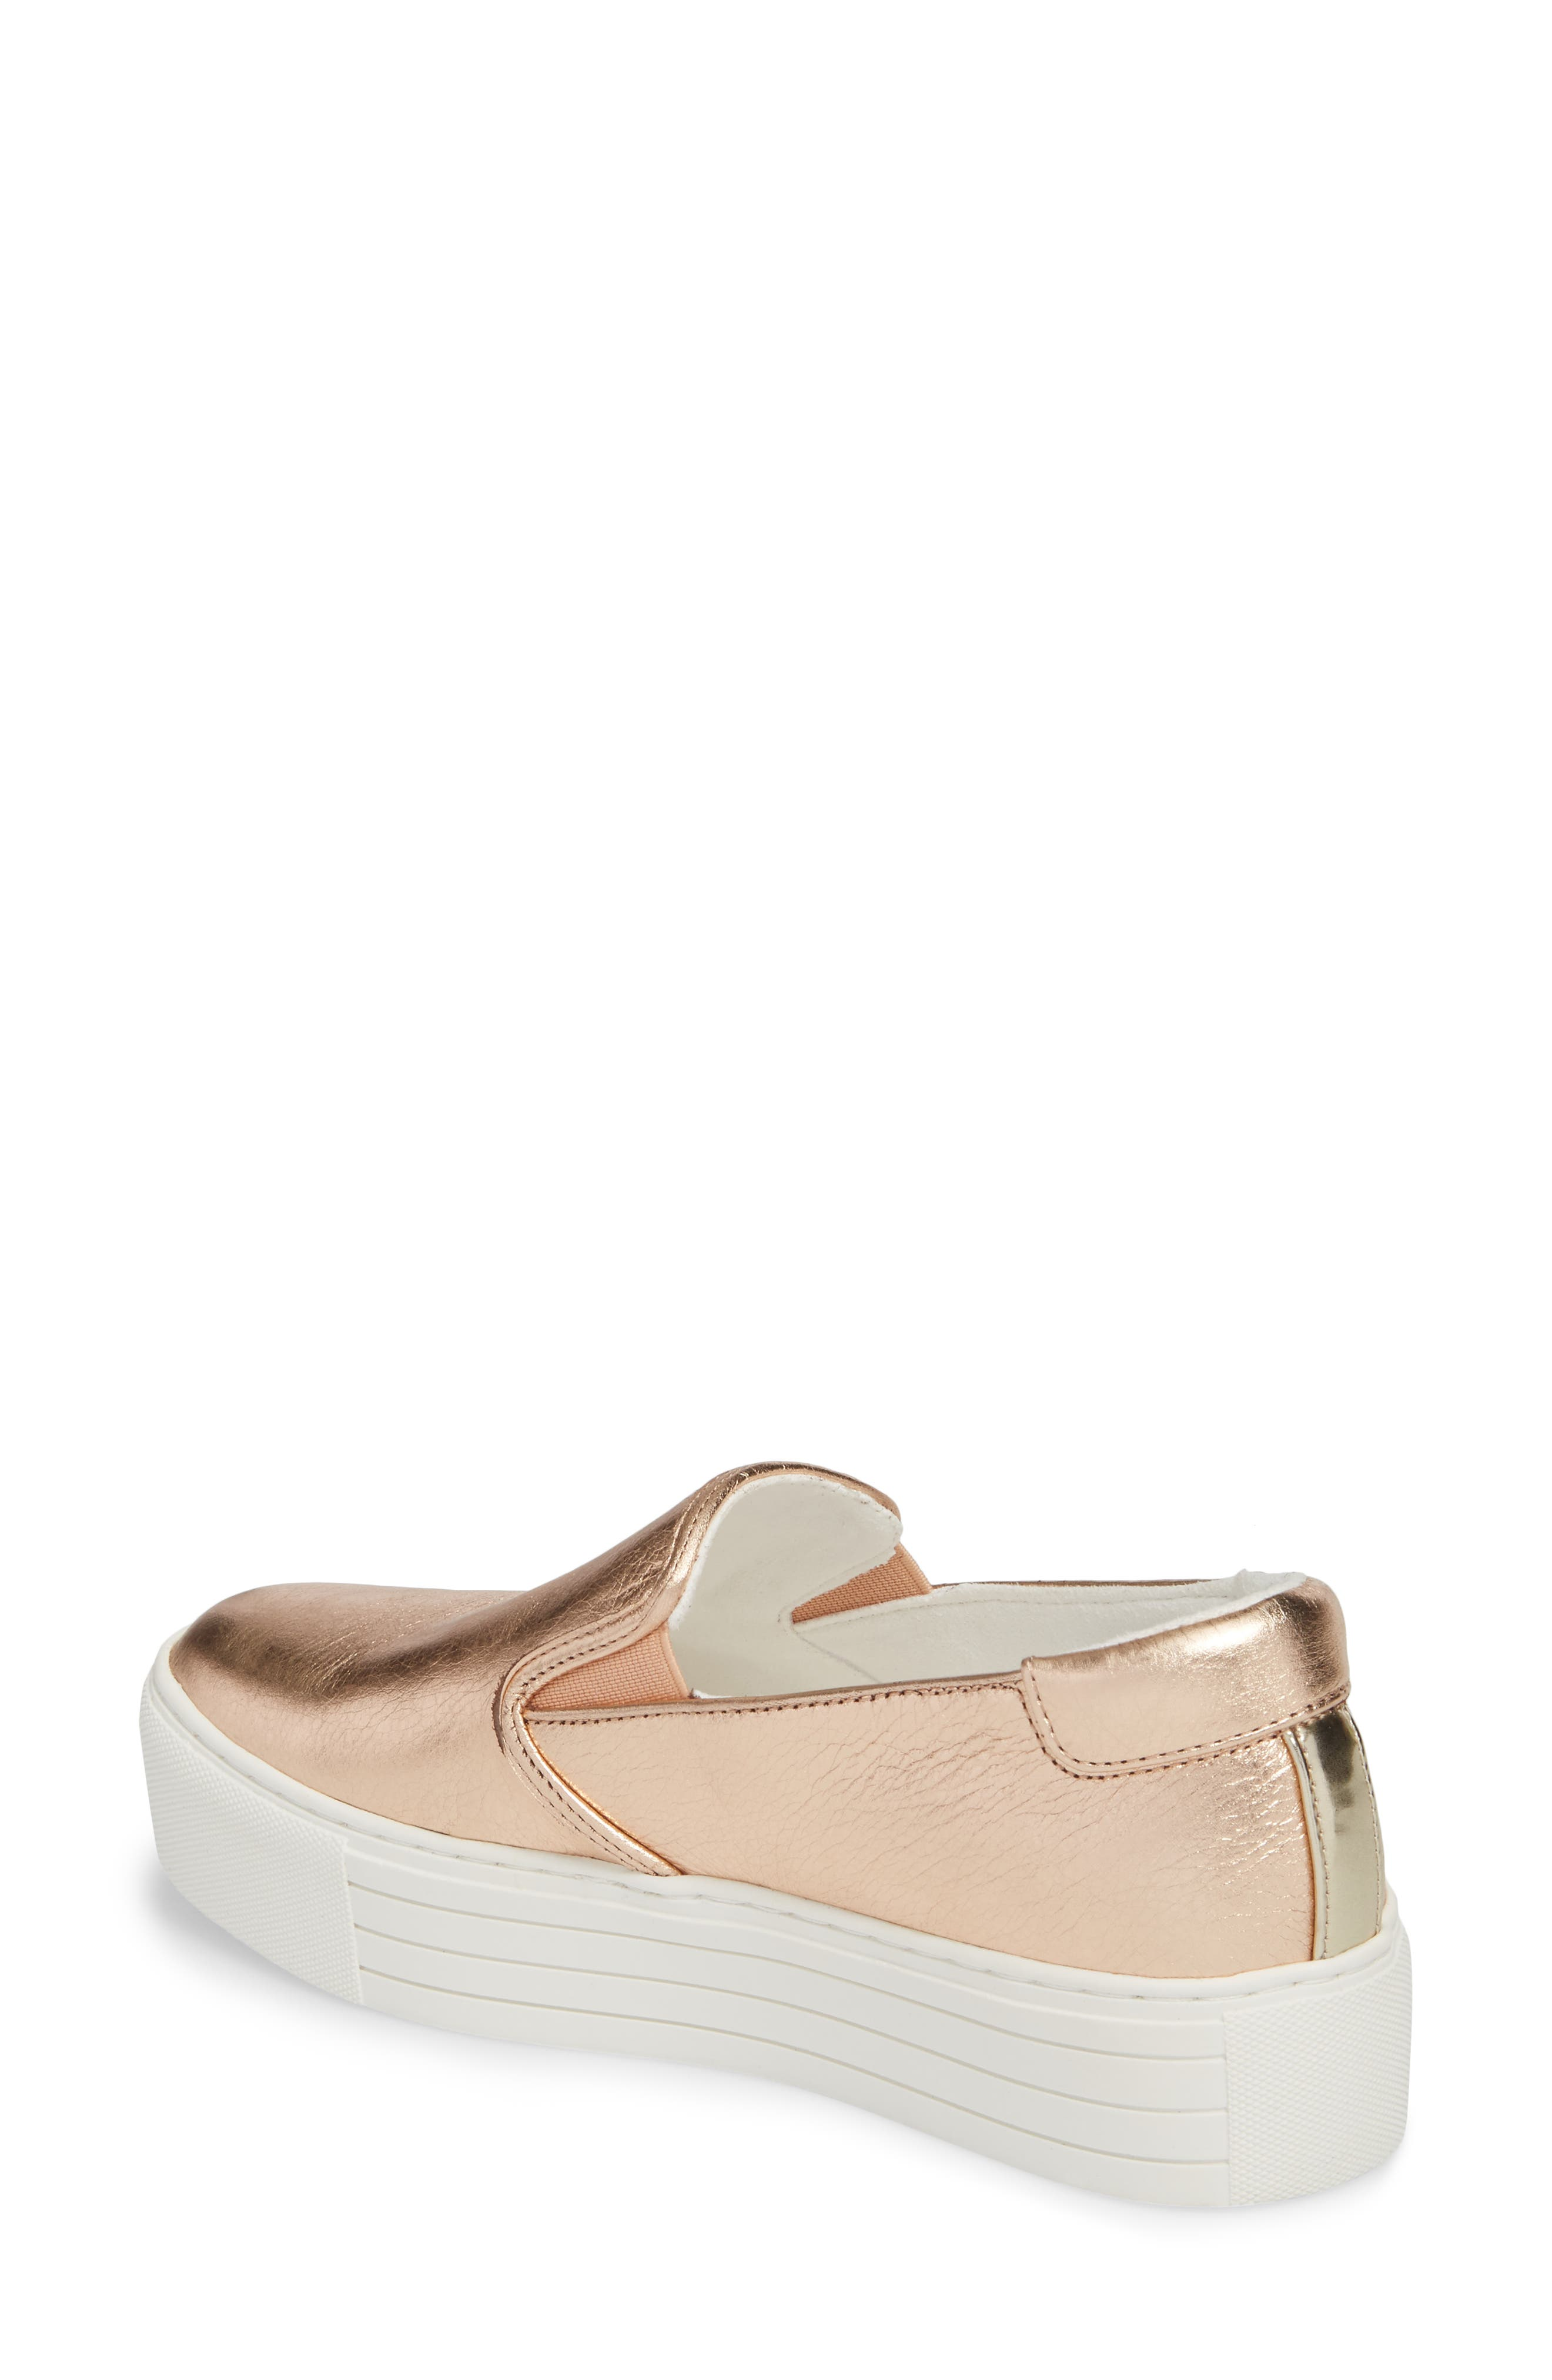 Joanie Slip-On Platform Sneaker,                             Alternate thumbnail 17, color,